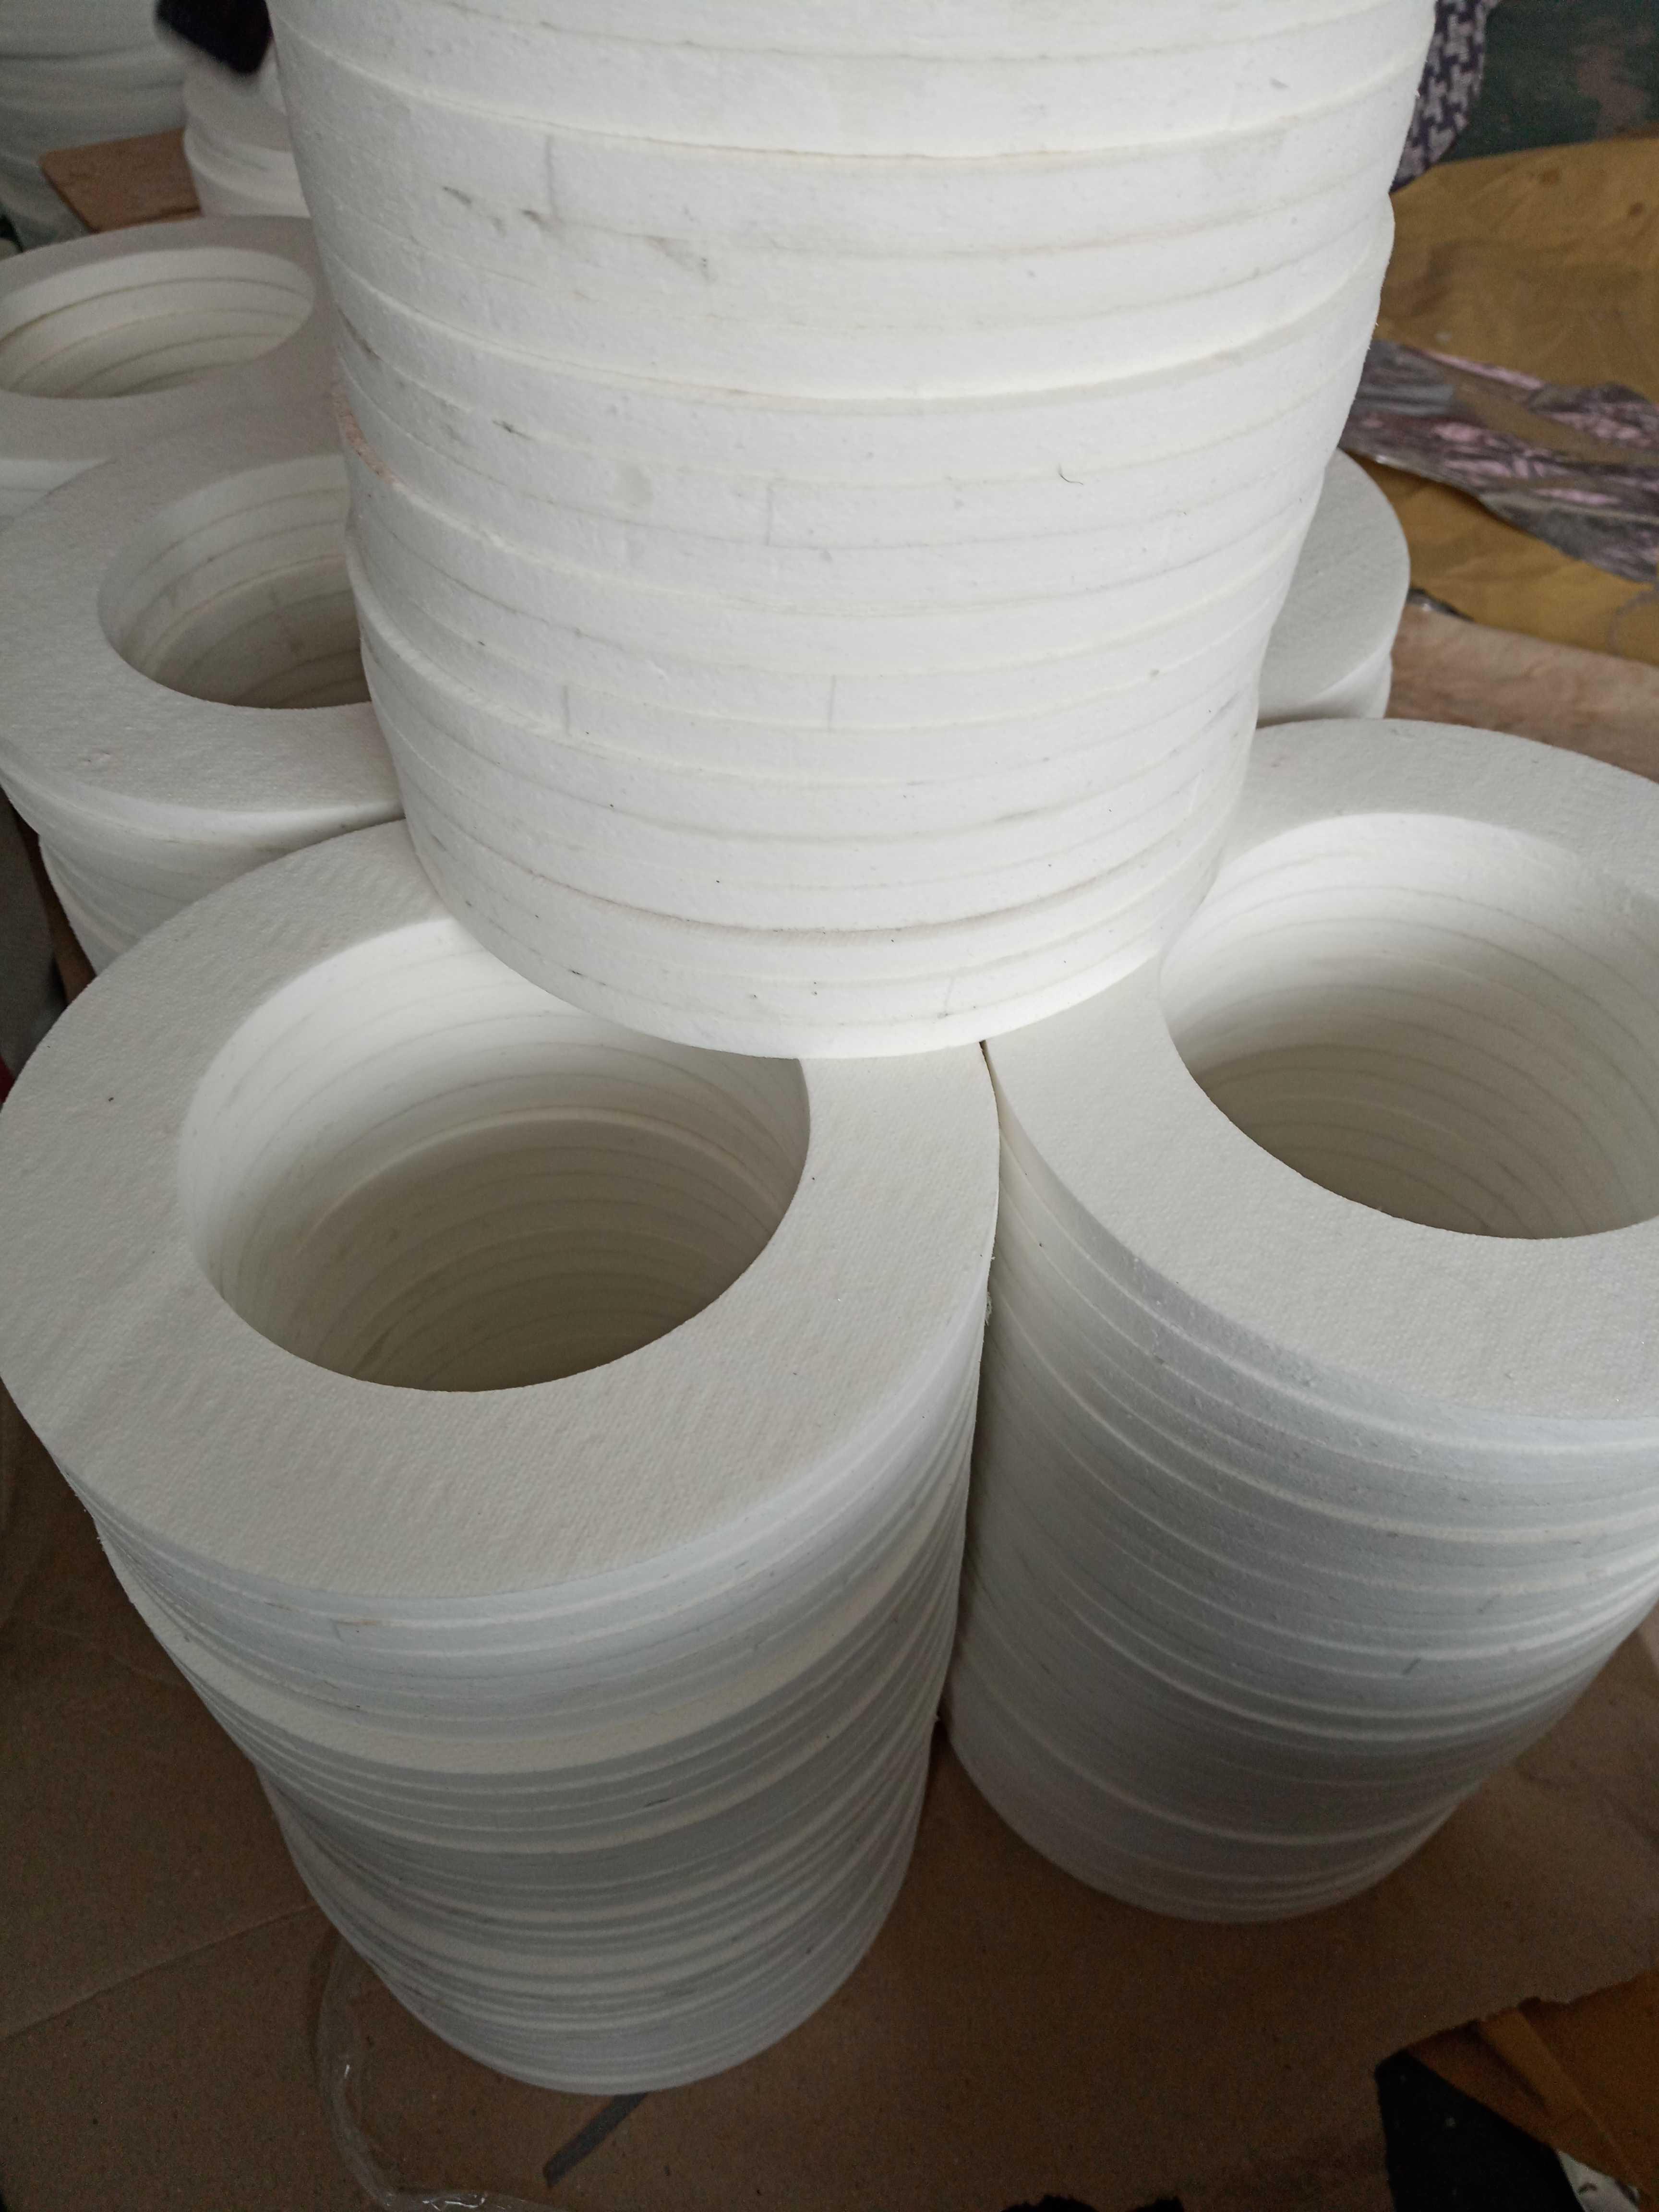 陶瓷纸 陶瓷纤维纸垫片 耐高温隔热1000°陶瓷纸 防尘陶瓷纤维垫